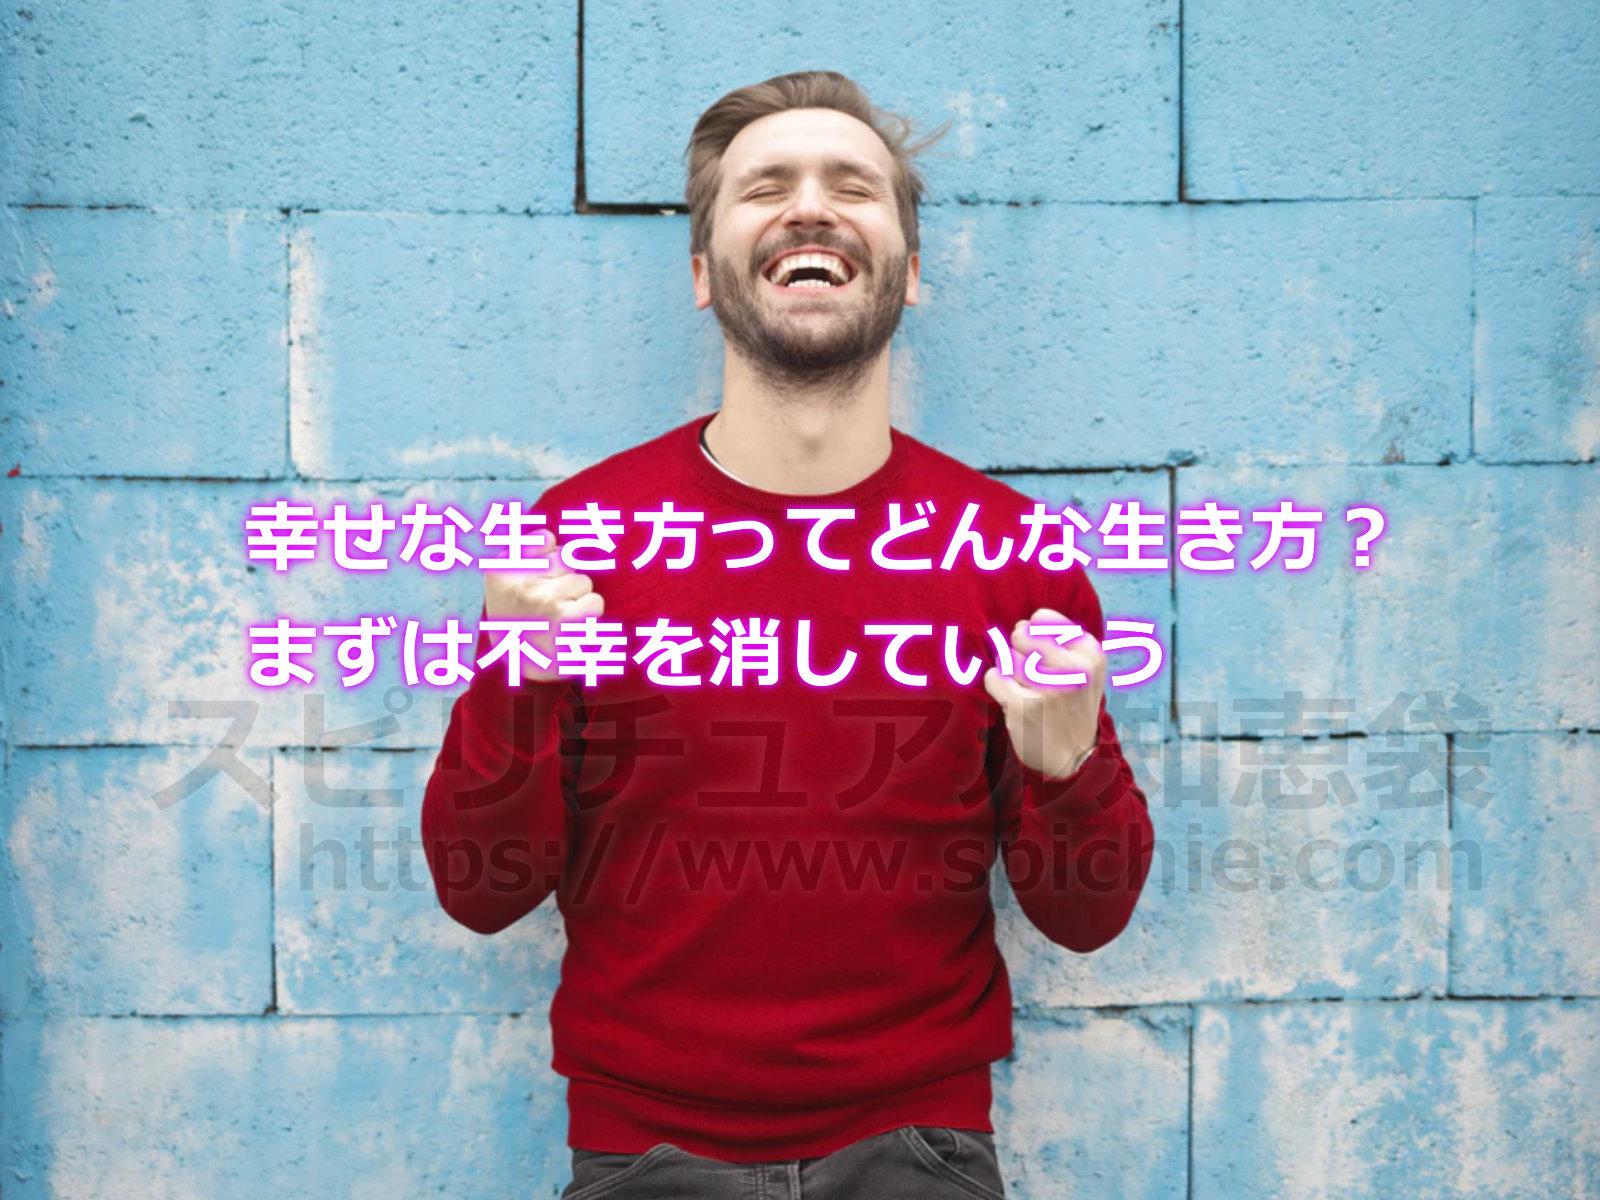 幸せな生き方ってどんな生き方?まずは不幸を消していこうのアイキャッチ画像